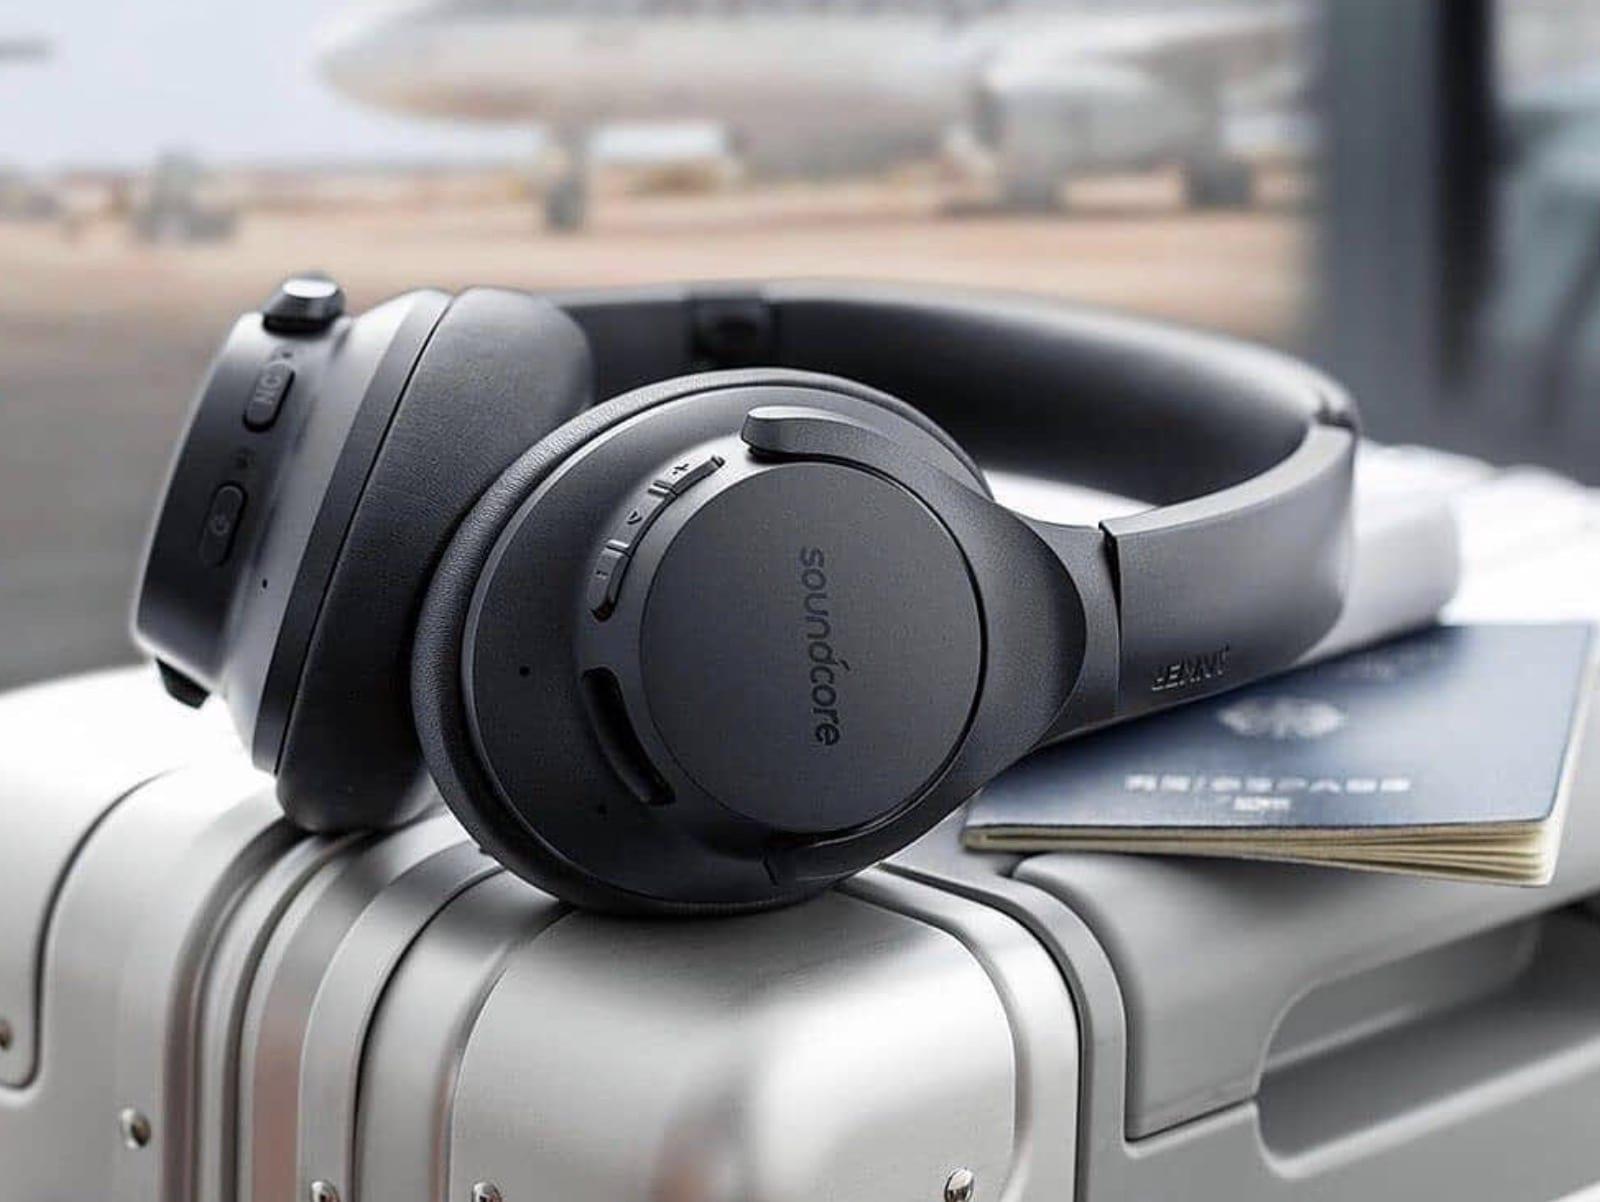 Soundcore Life Q20 Headphones